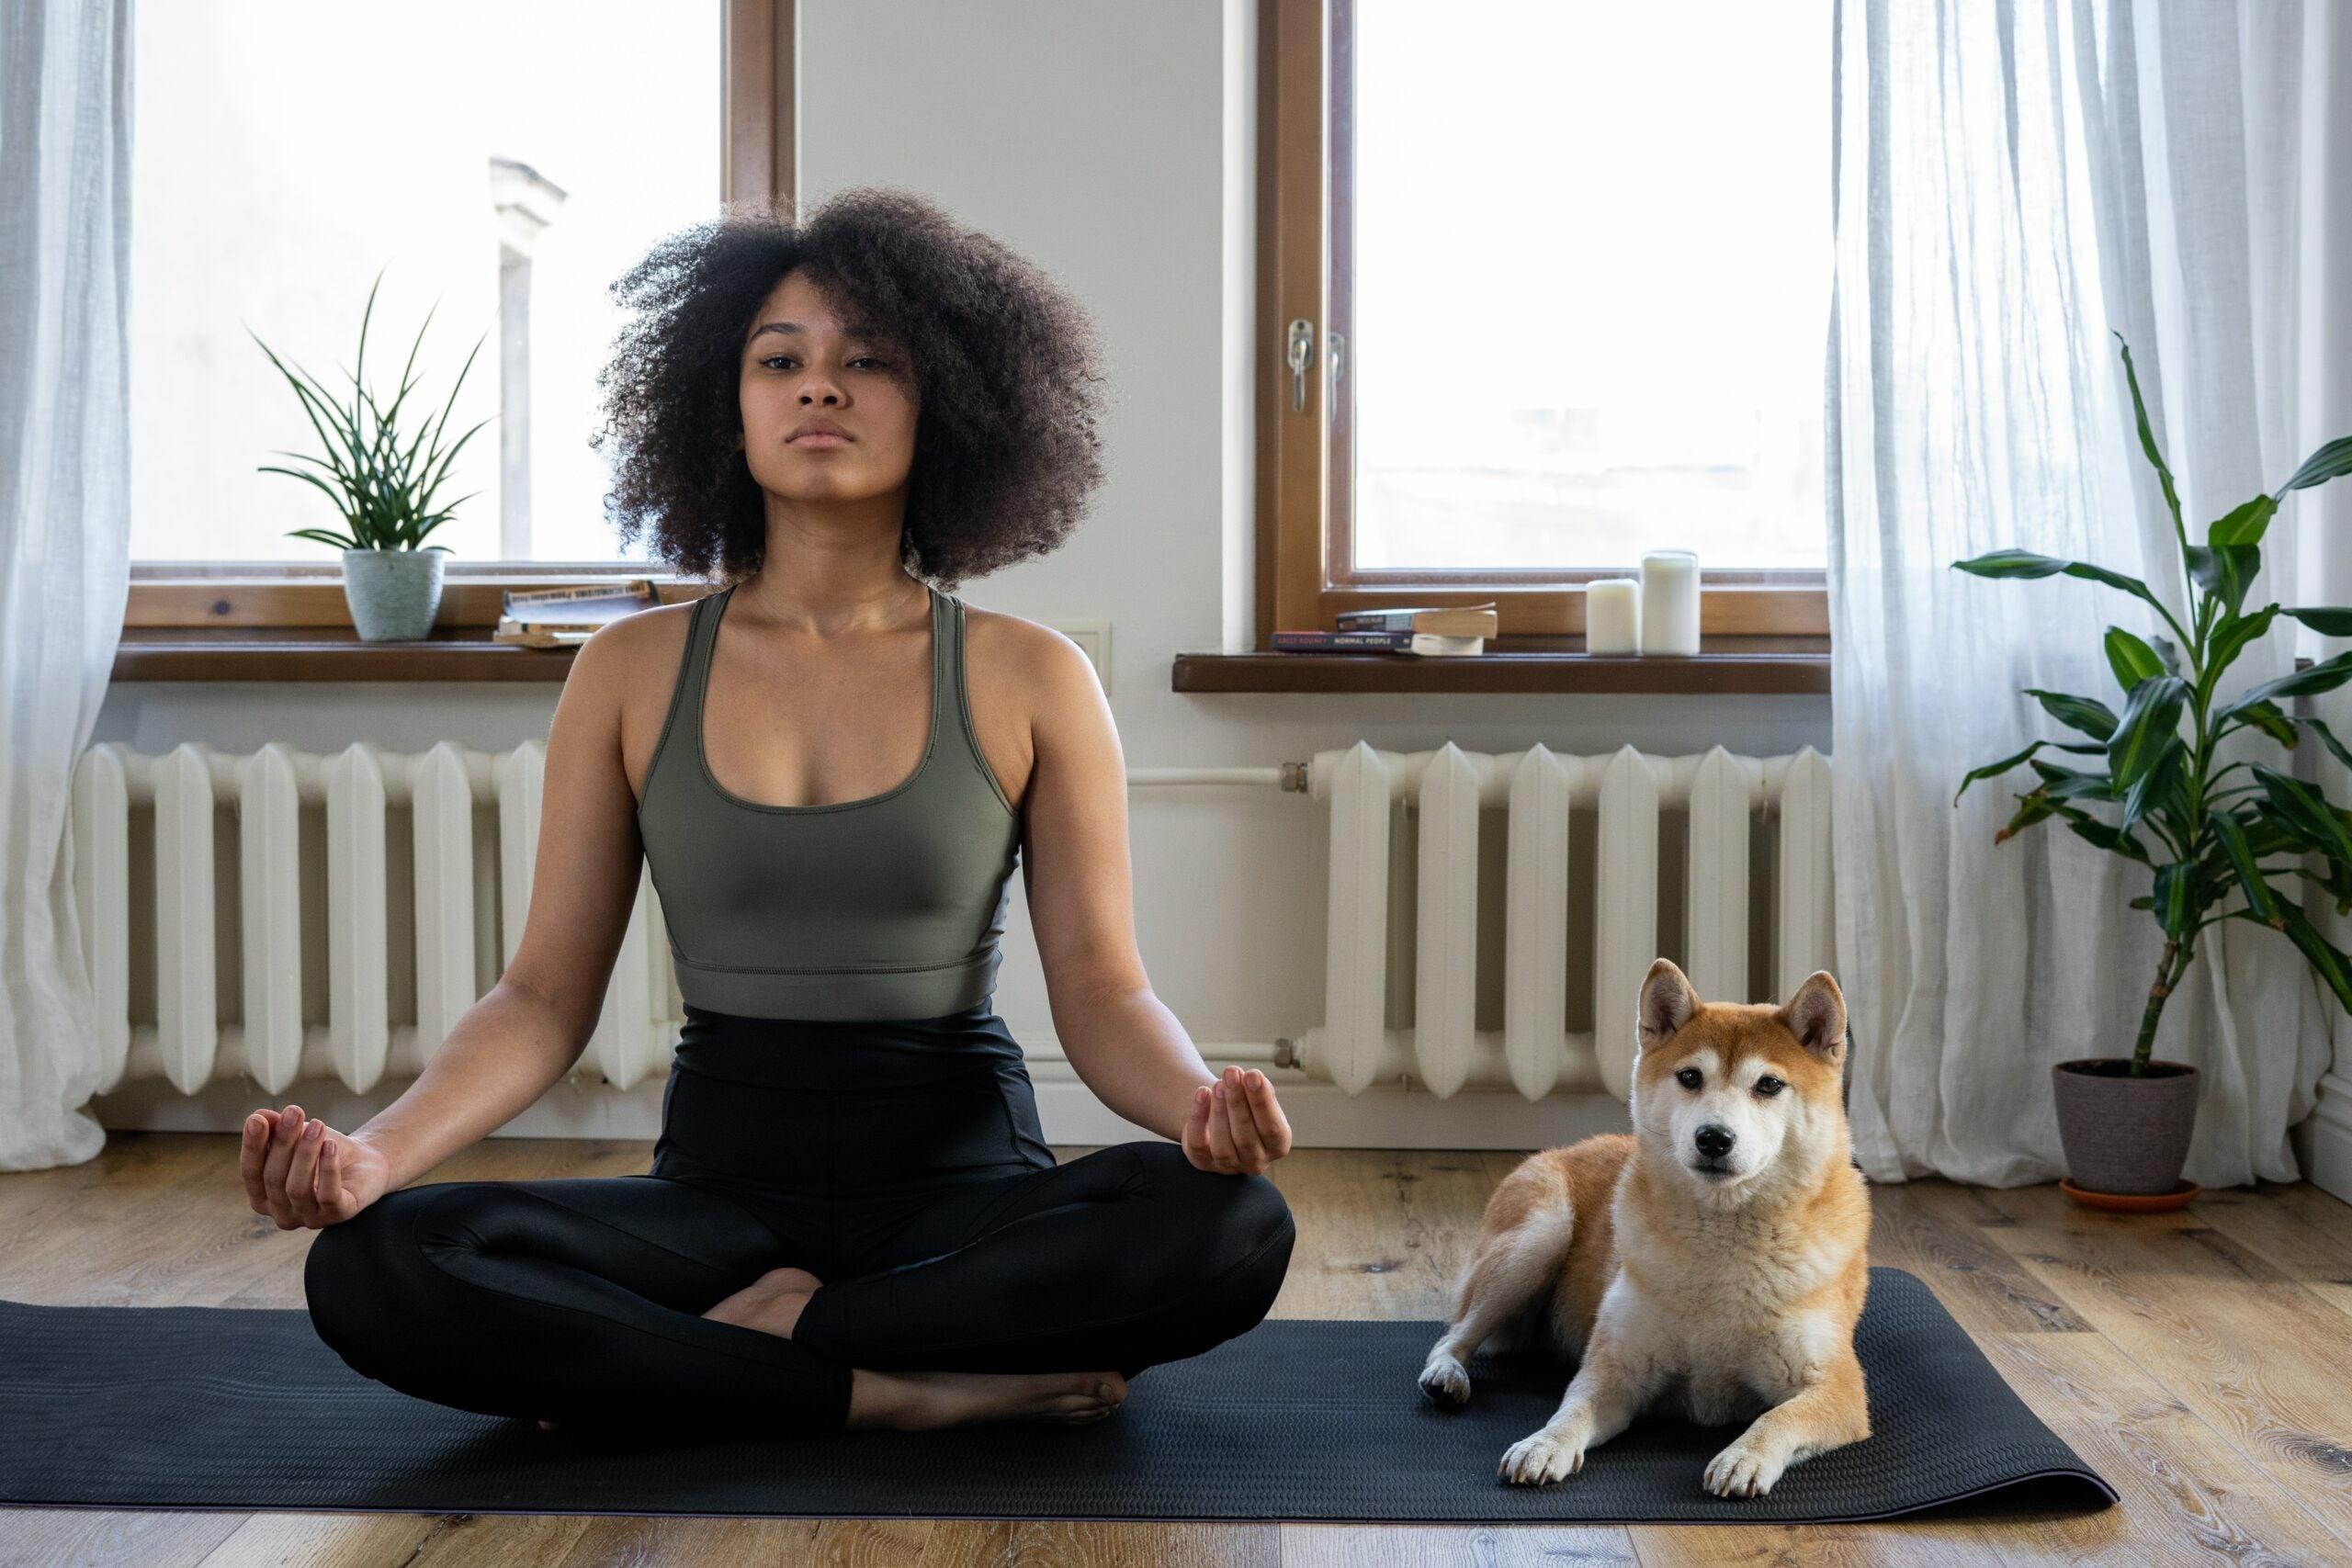 Girl doing yoga with dog.